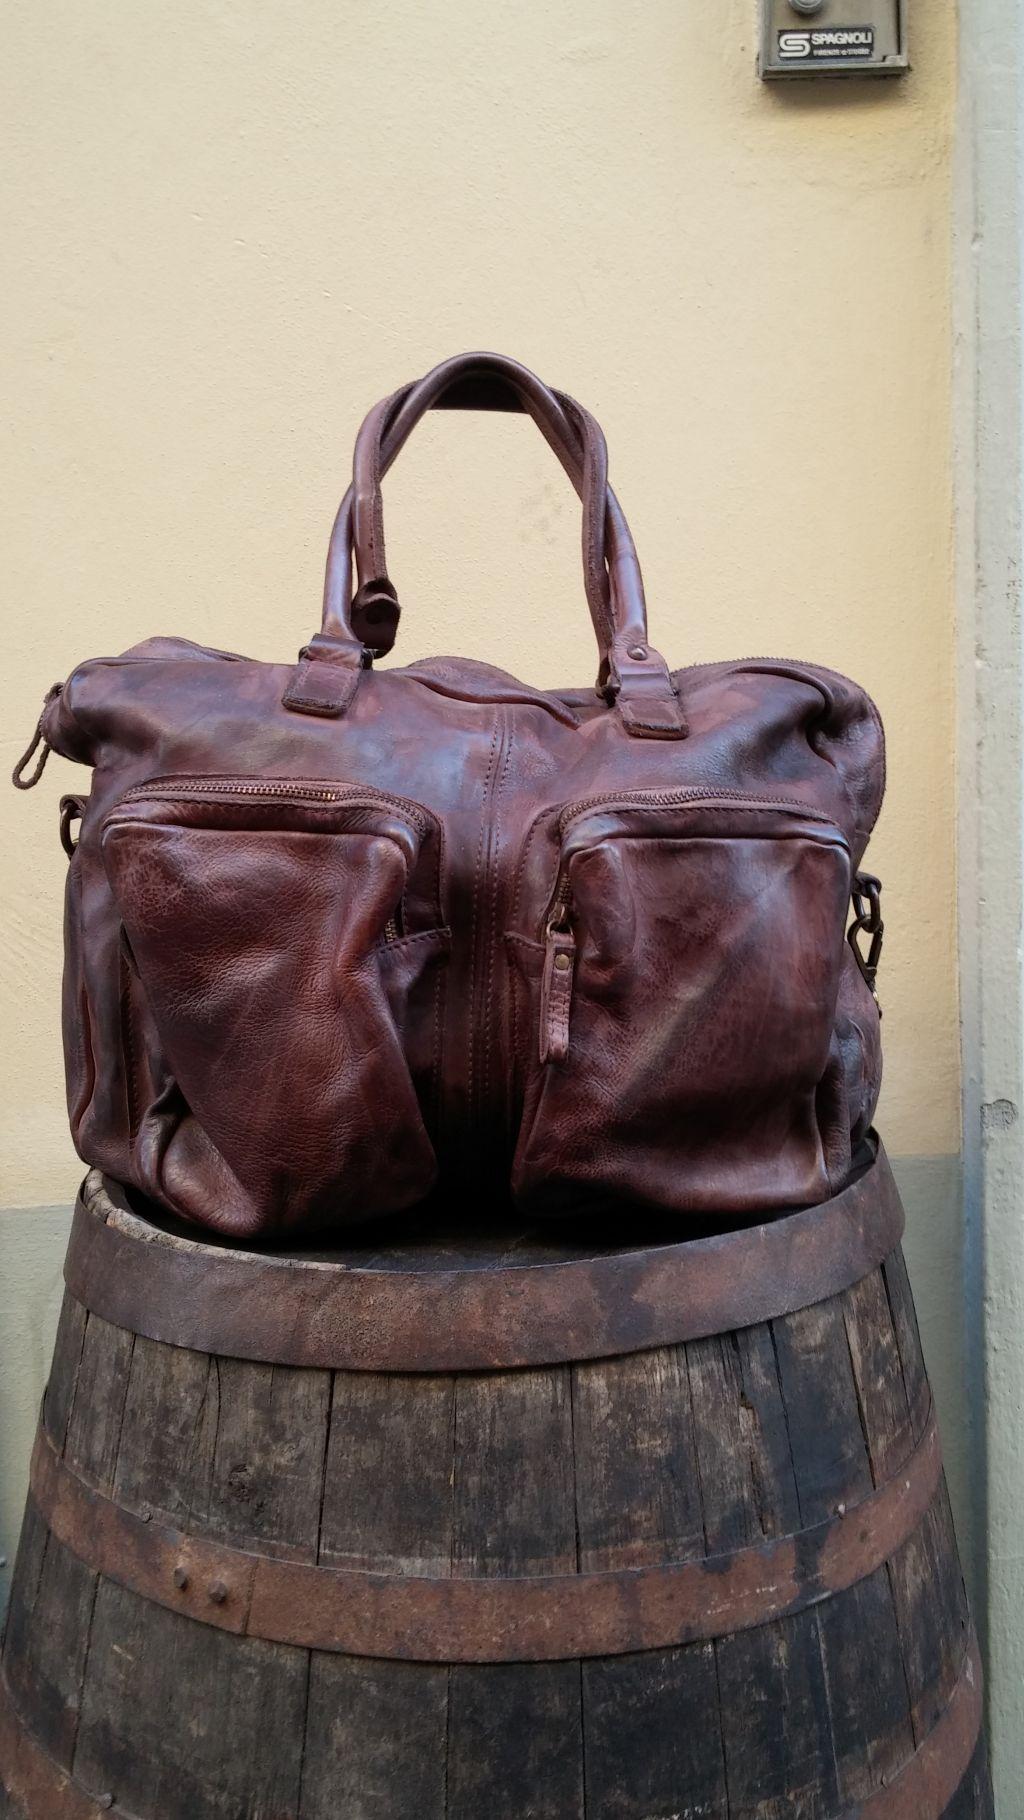 FL3012-borsone-travel-viaggio-due-tasche-1